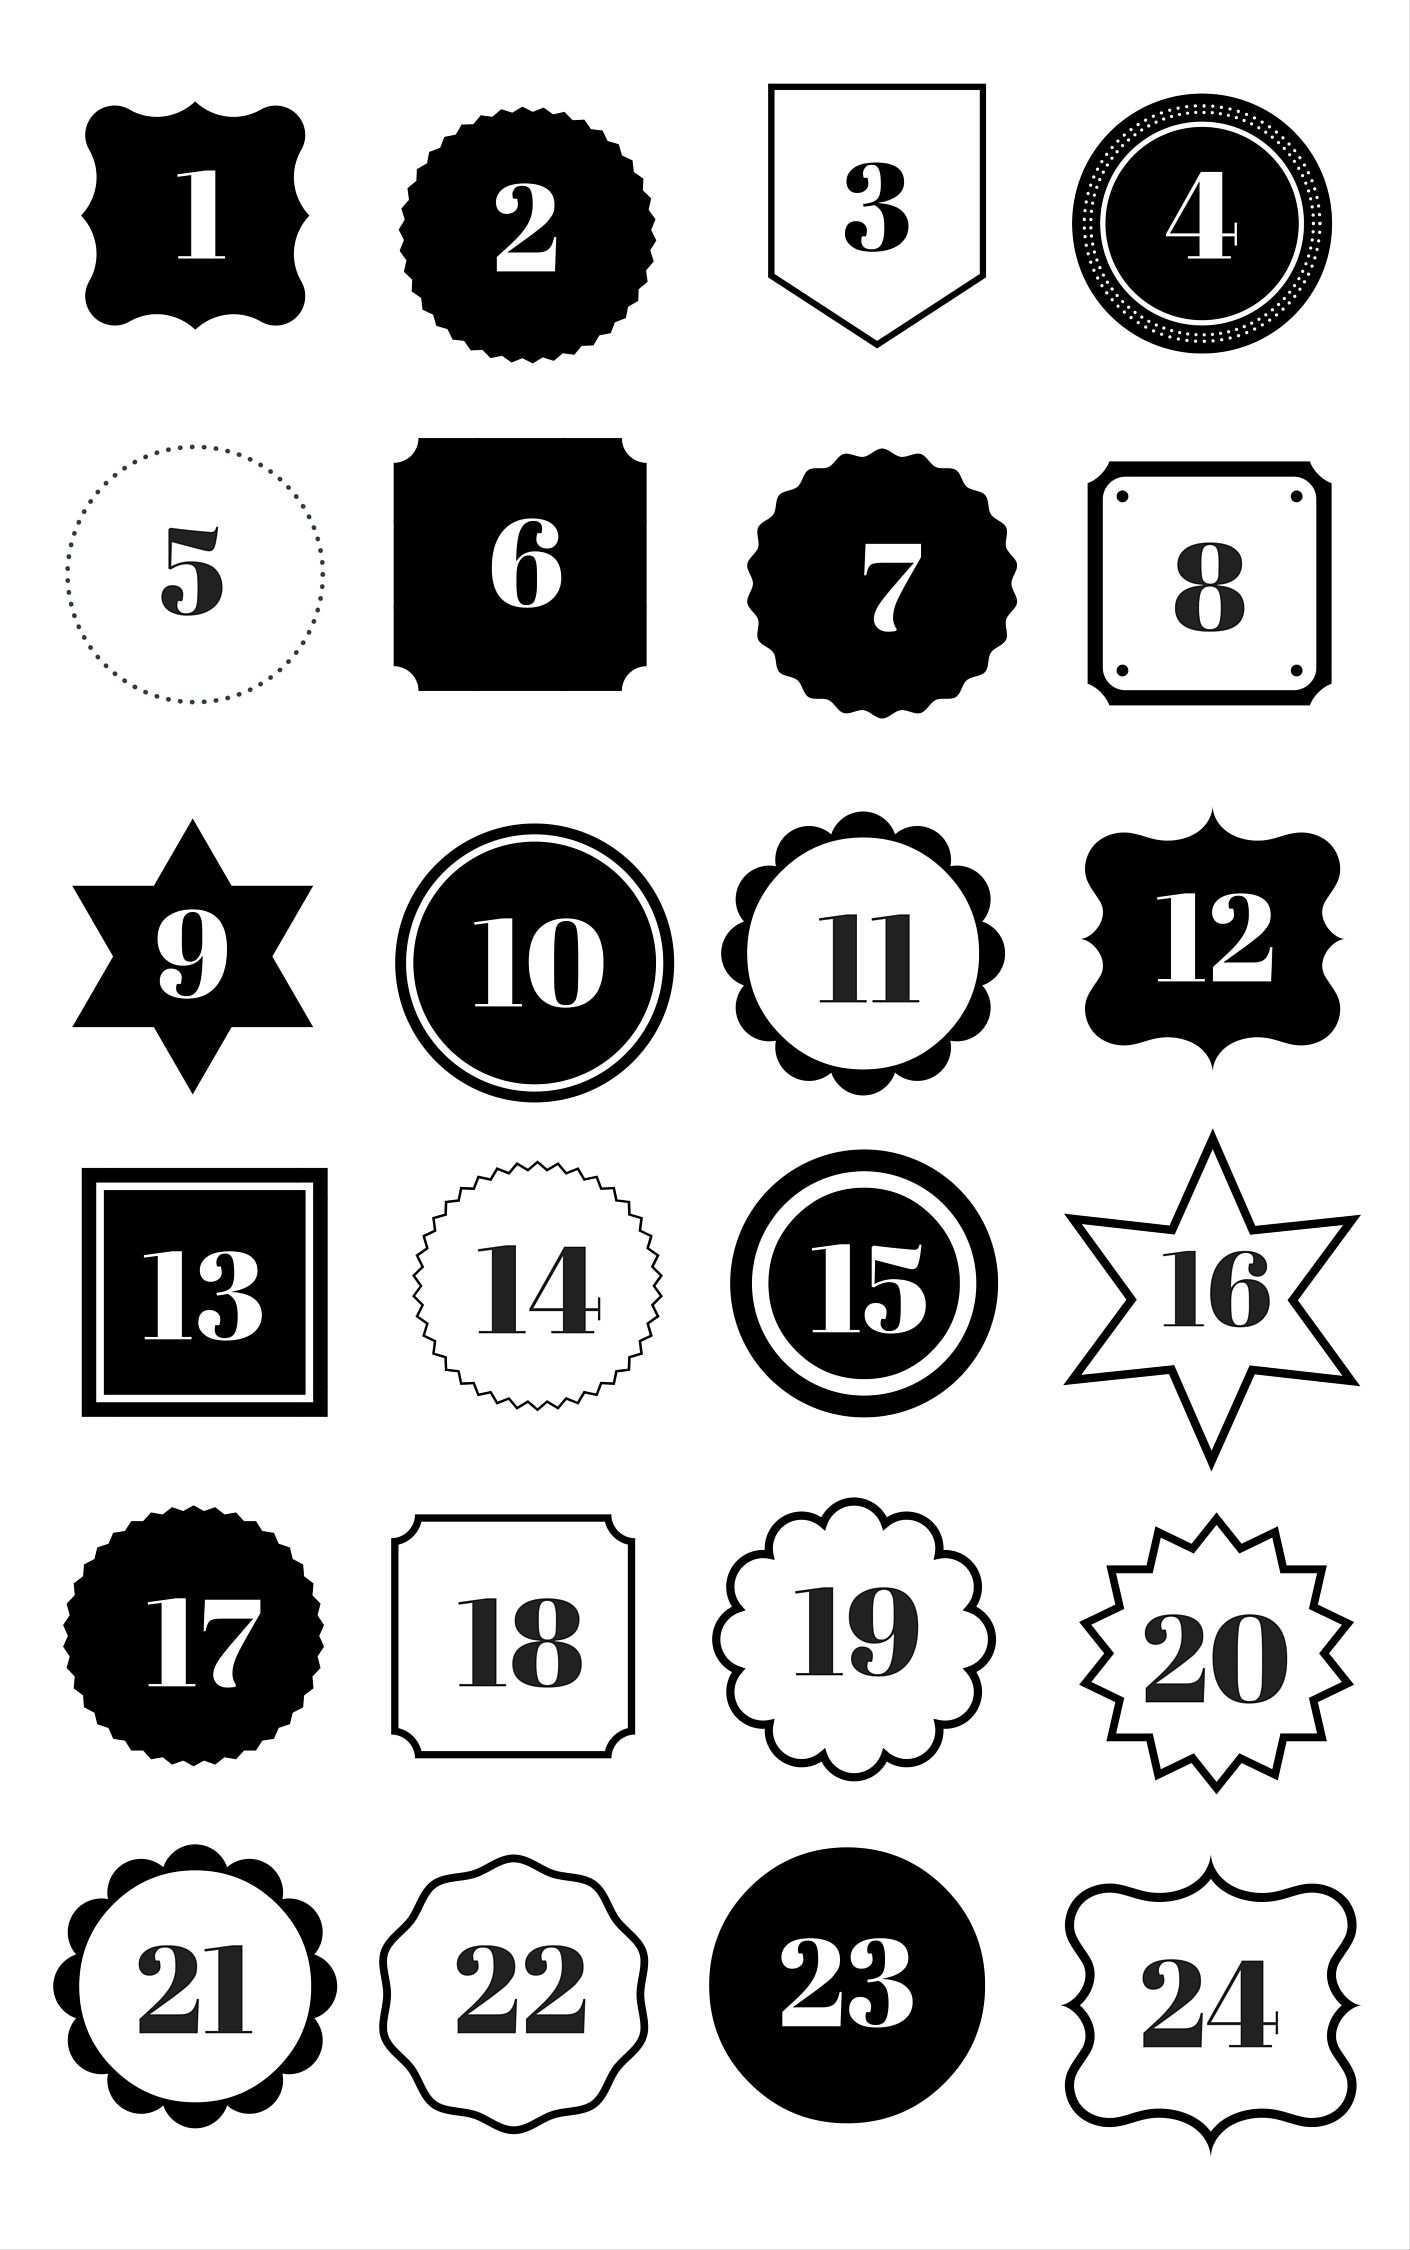 Adventskalender Zahlen Zum Ausdrucken Dee S Kuche Adventskalender Zahlen Zum Ausdrucken Adventkalender Adventskalender Zahlen